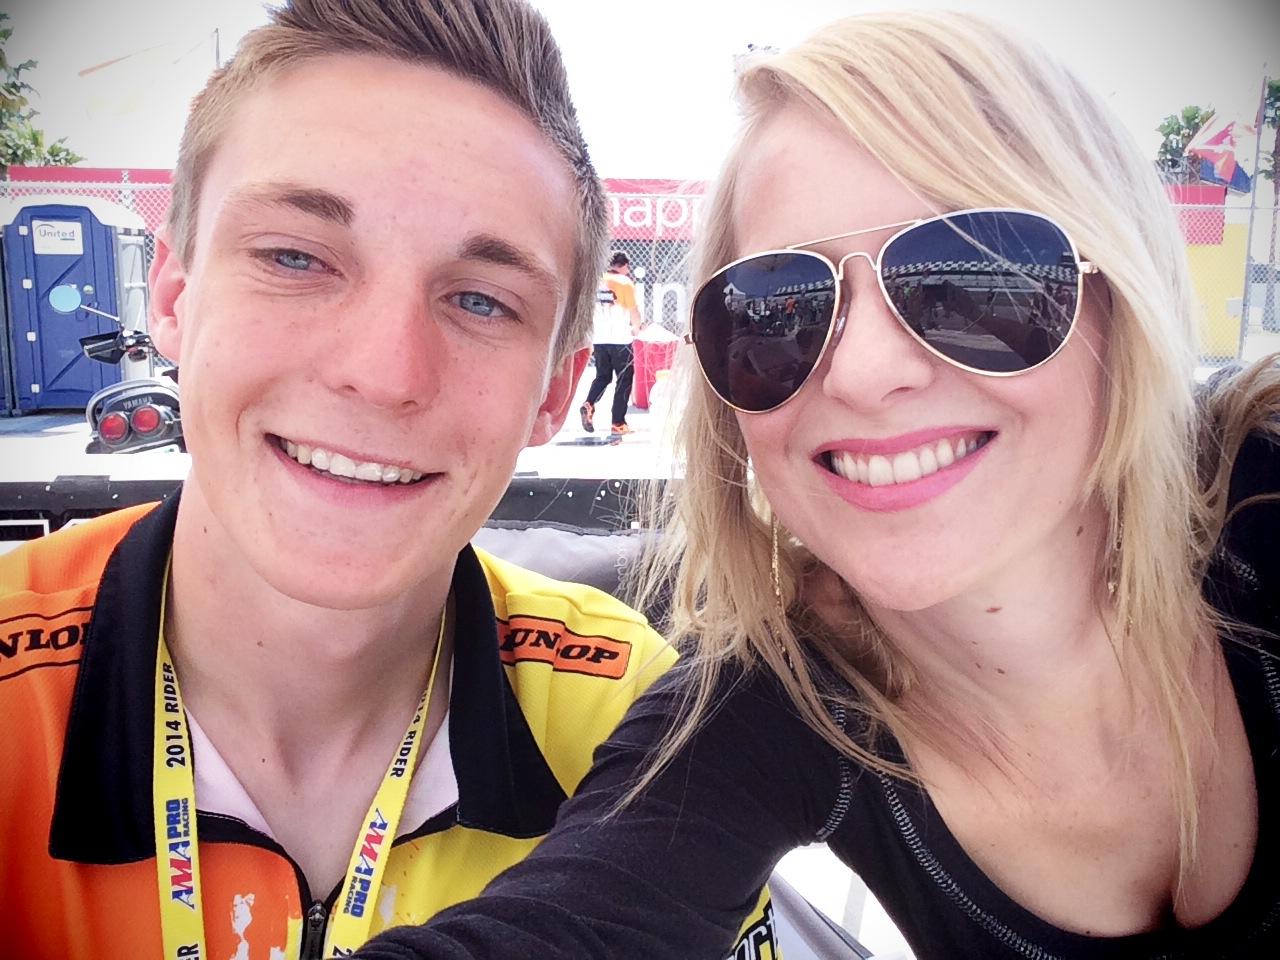 Meeting Kaleb De Keyrel at Daytona 200 in 2014